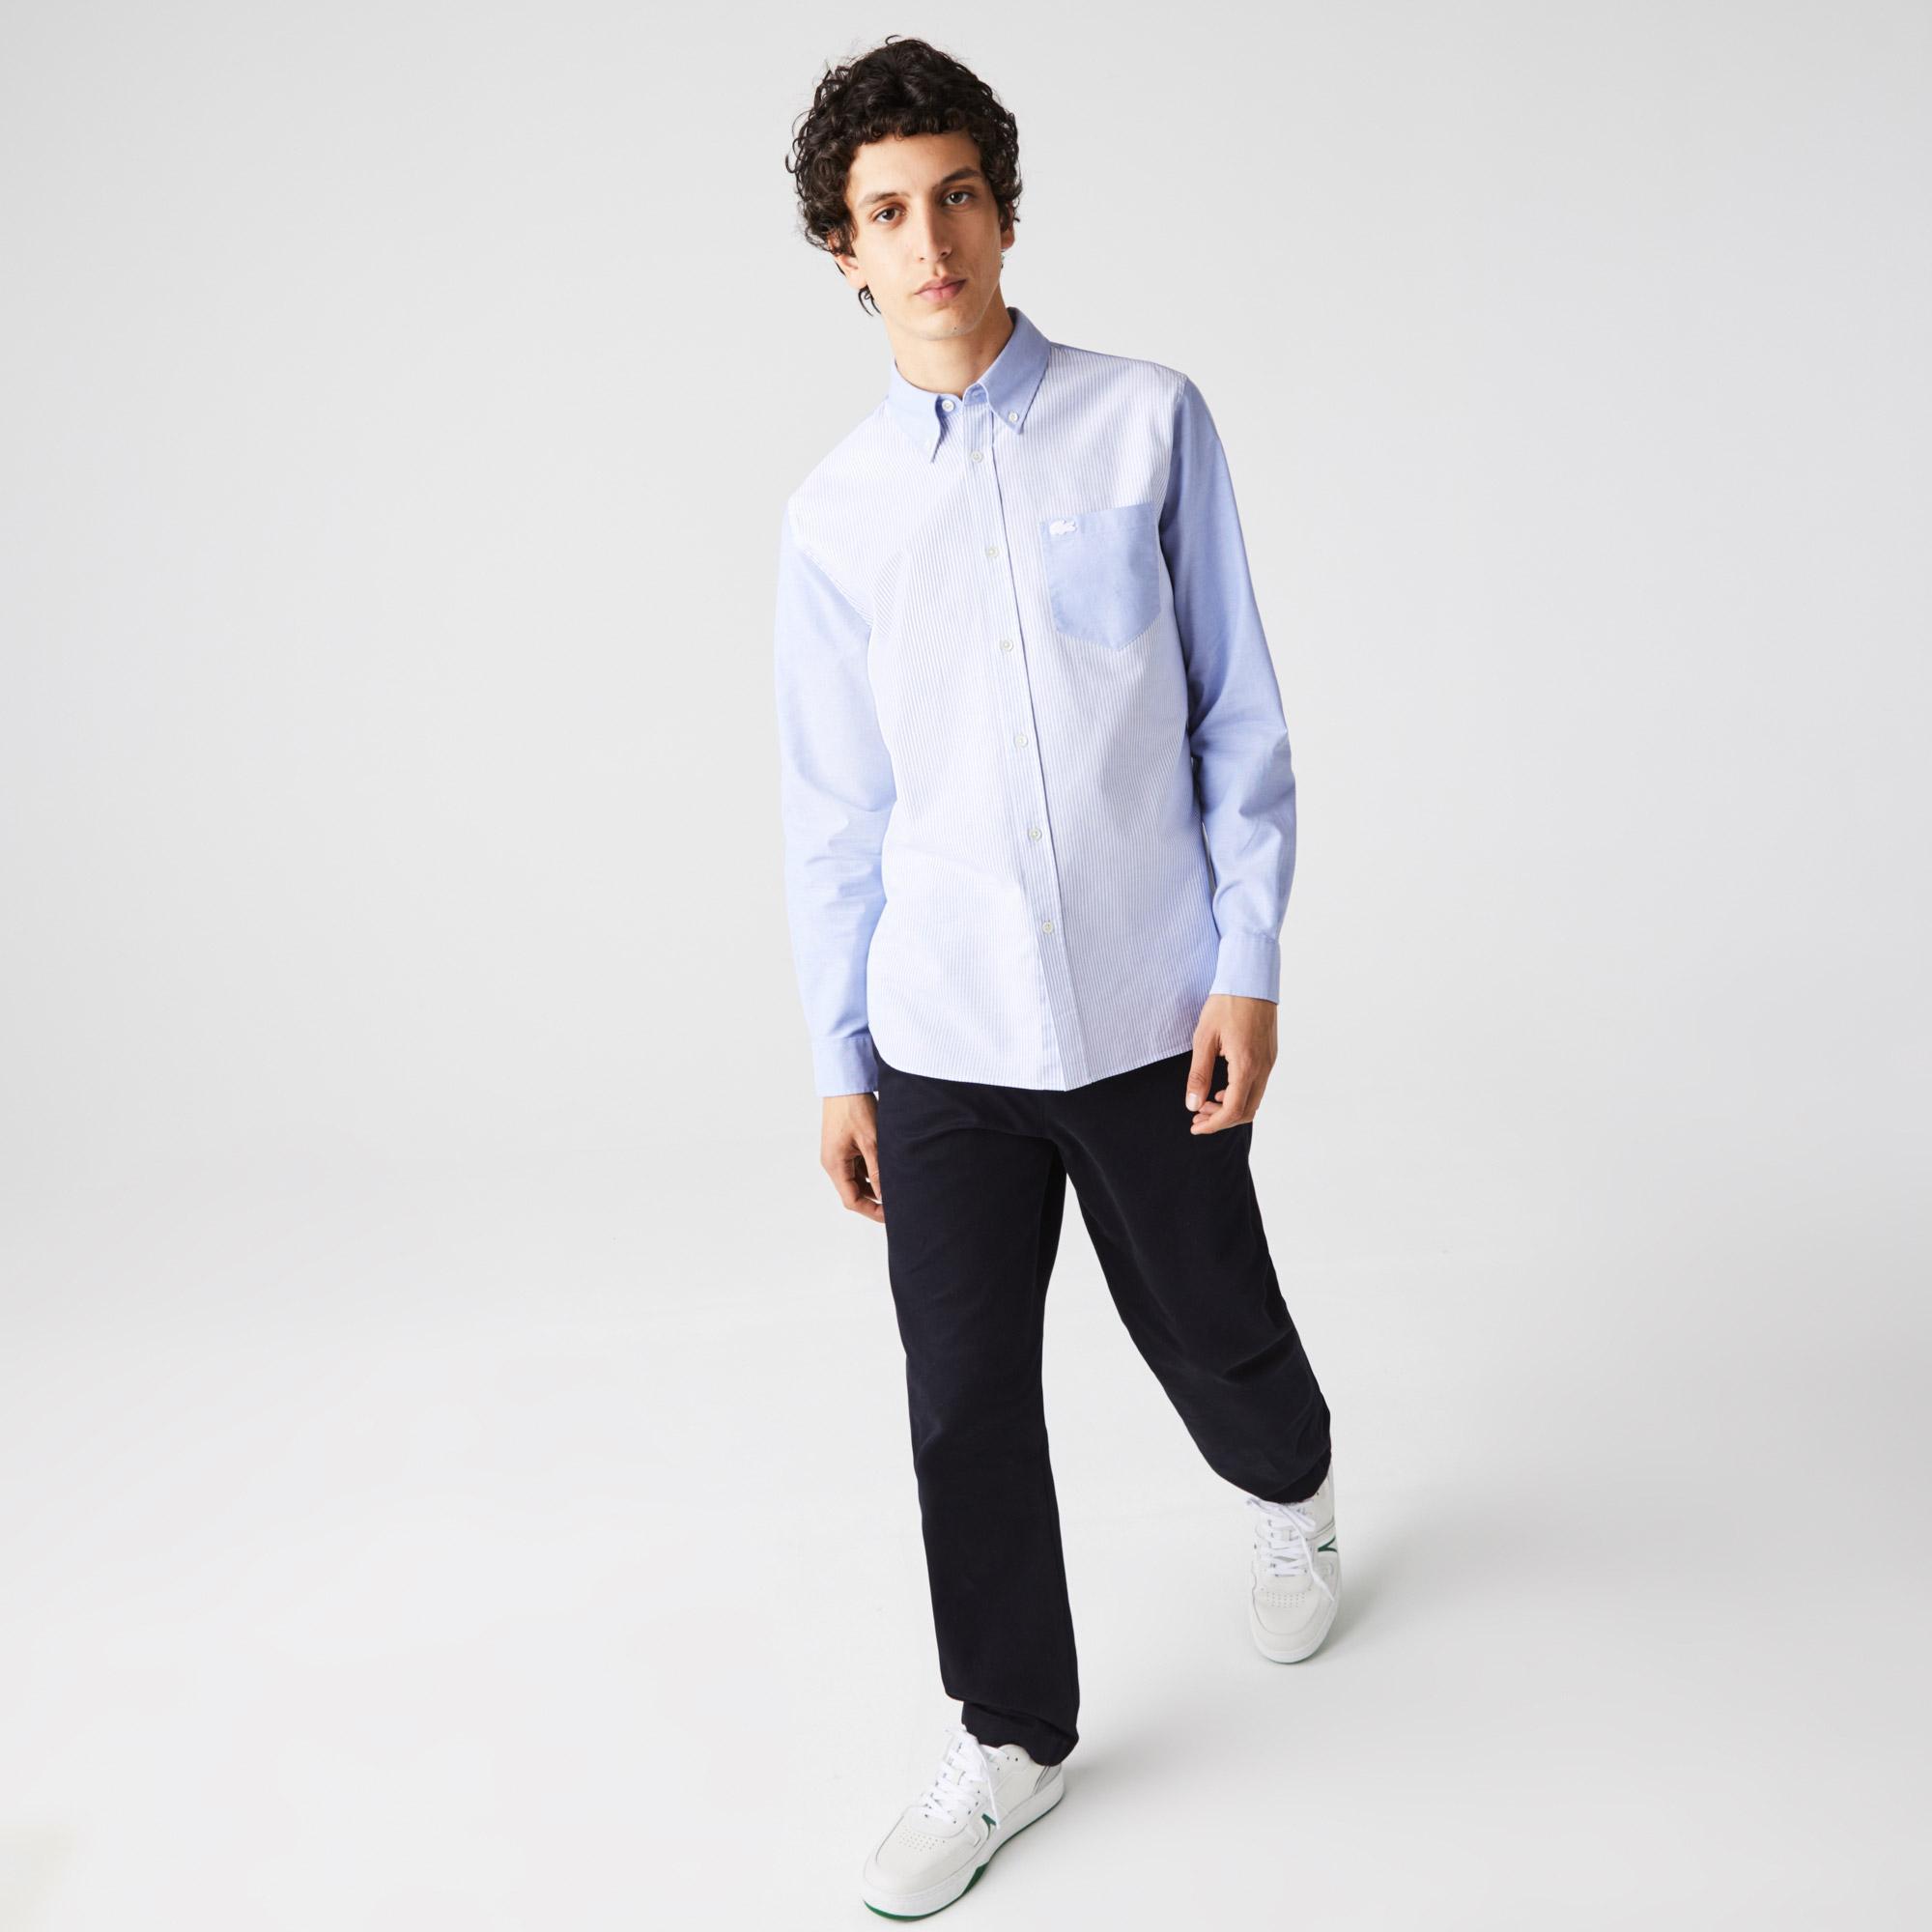 Lacoste Heritage Erkek Regular Fit Uzun Kollu Çizgili Mavi Gömlek